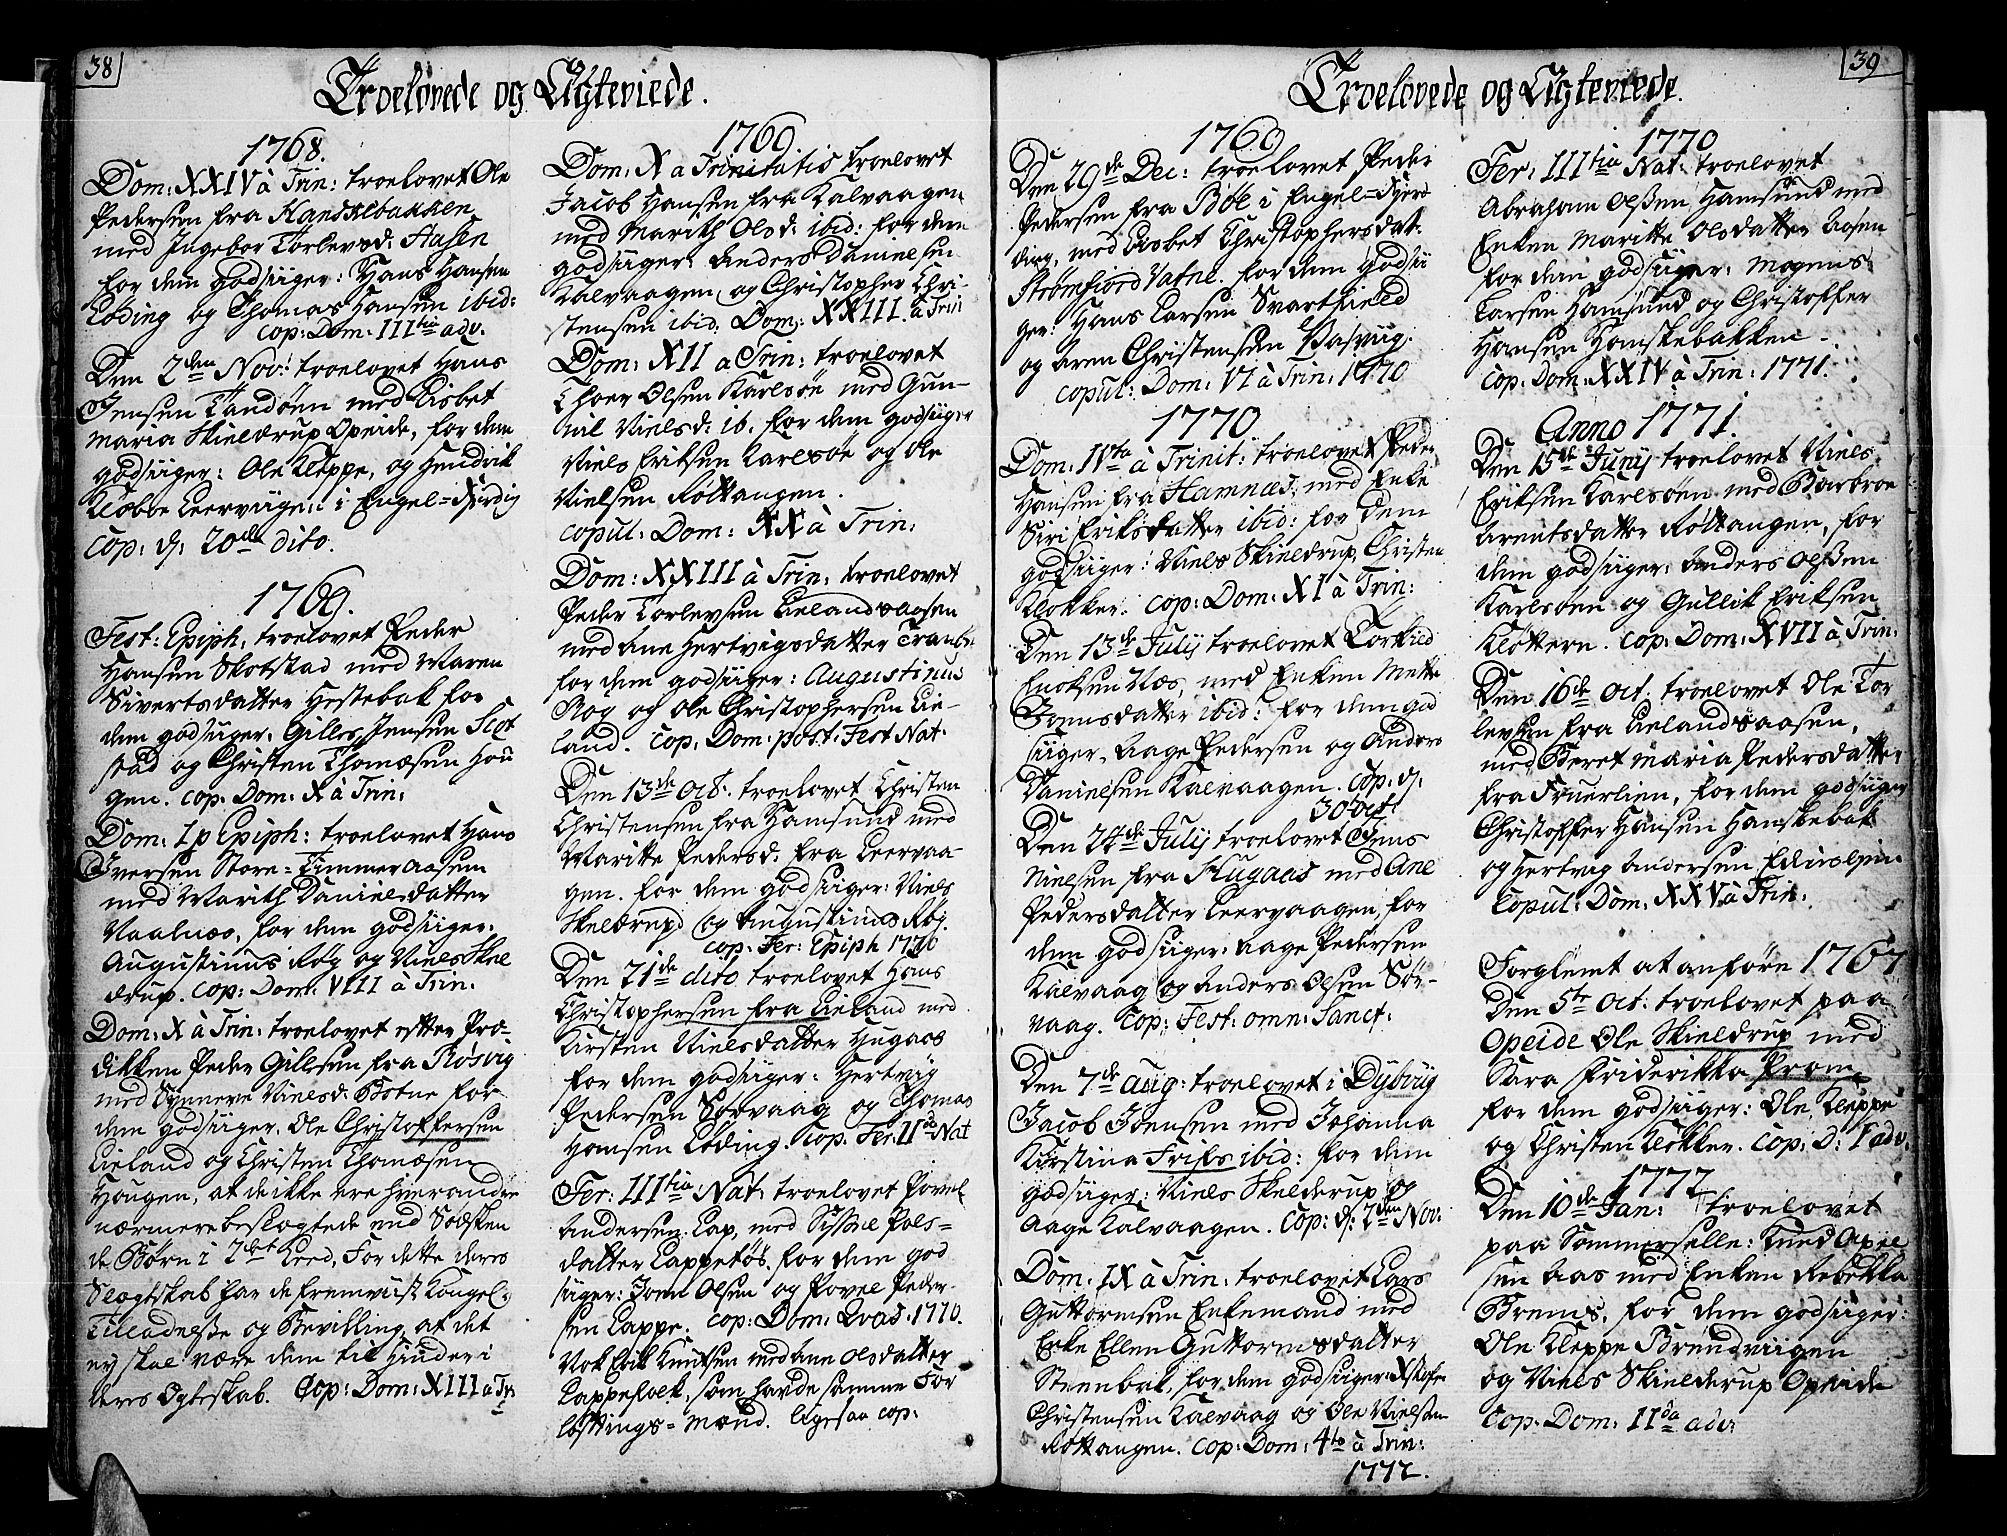 SAT, Ministerialprotokoller, klokkerbøker og fødselsregistre - Nordland, 859/L0841: Parish register (official) no. 859A01, 1766-1821, p. 38-39